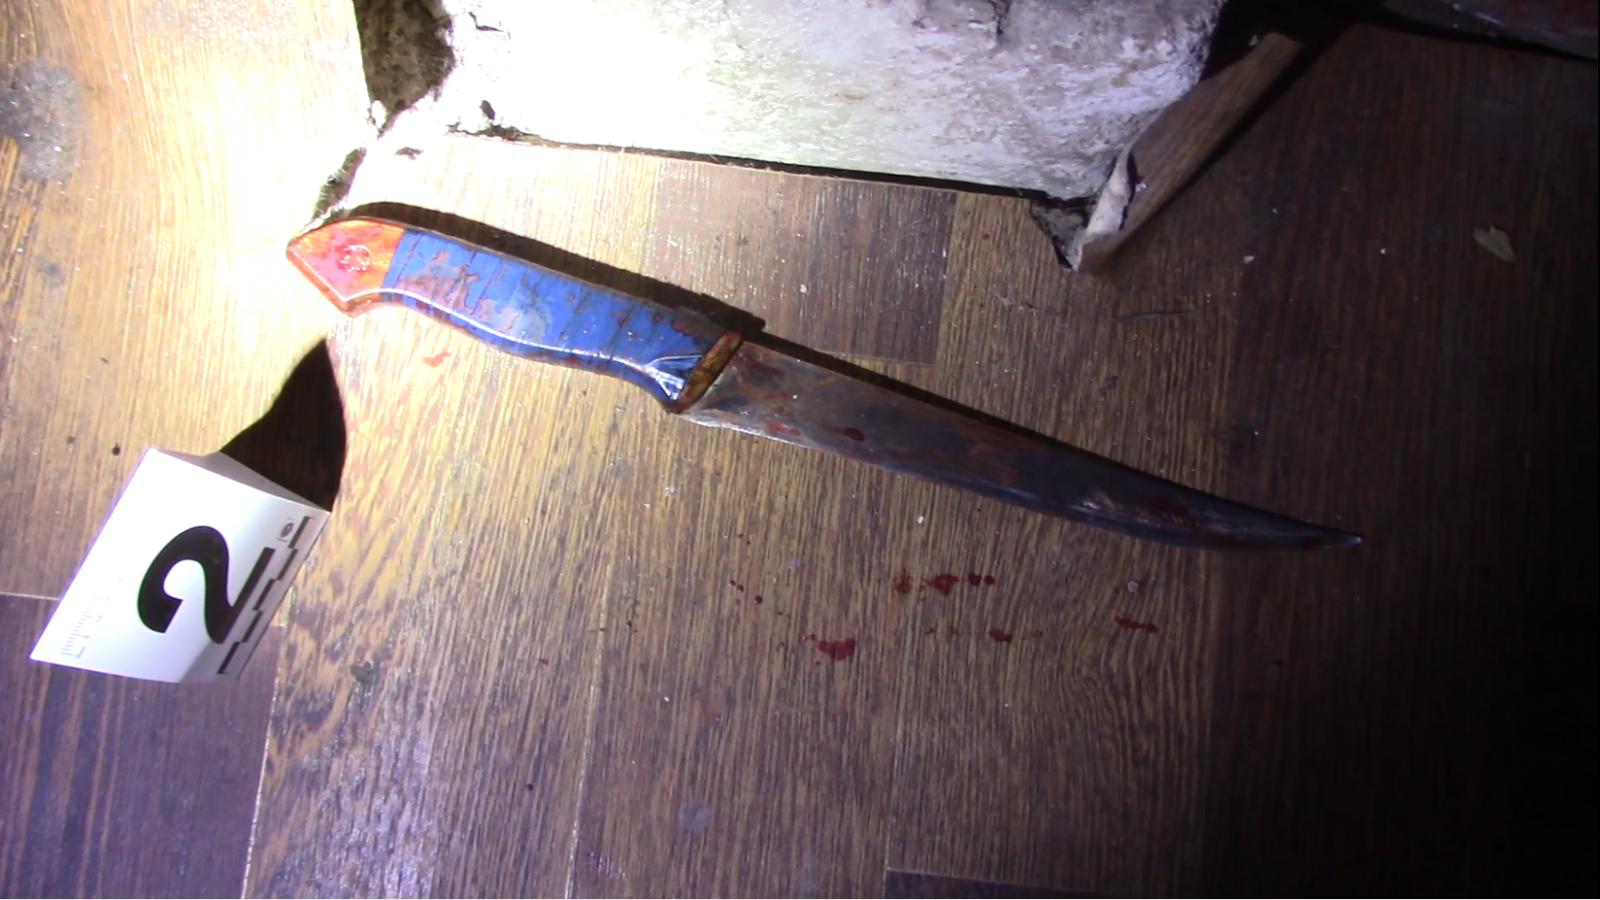 В Следкоме опровергли «демоническую» версию двойного убийства в Севастополе